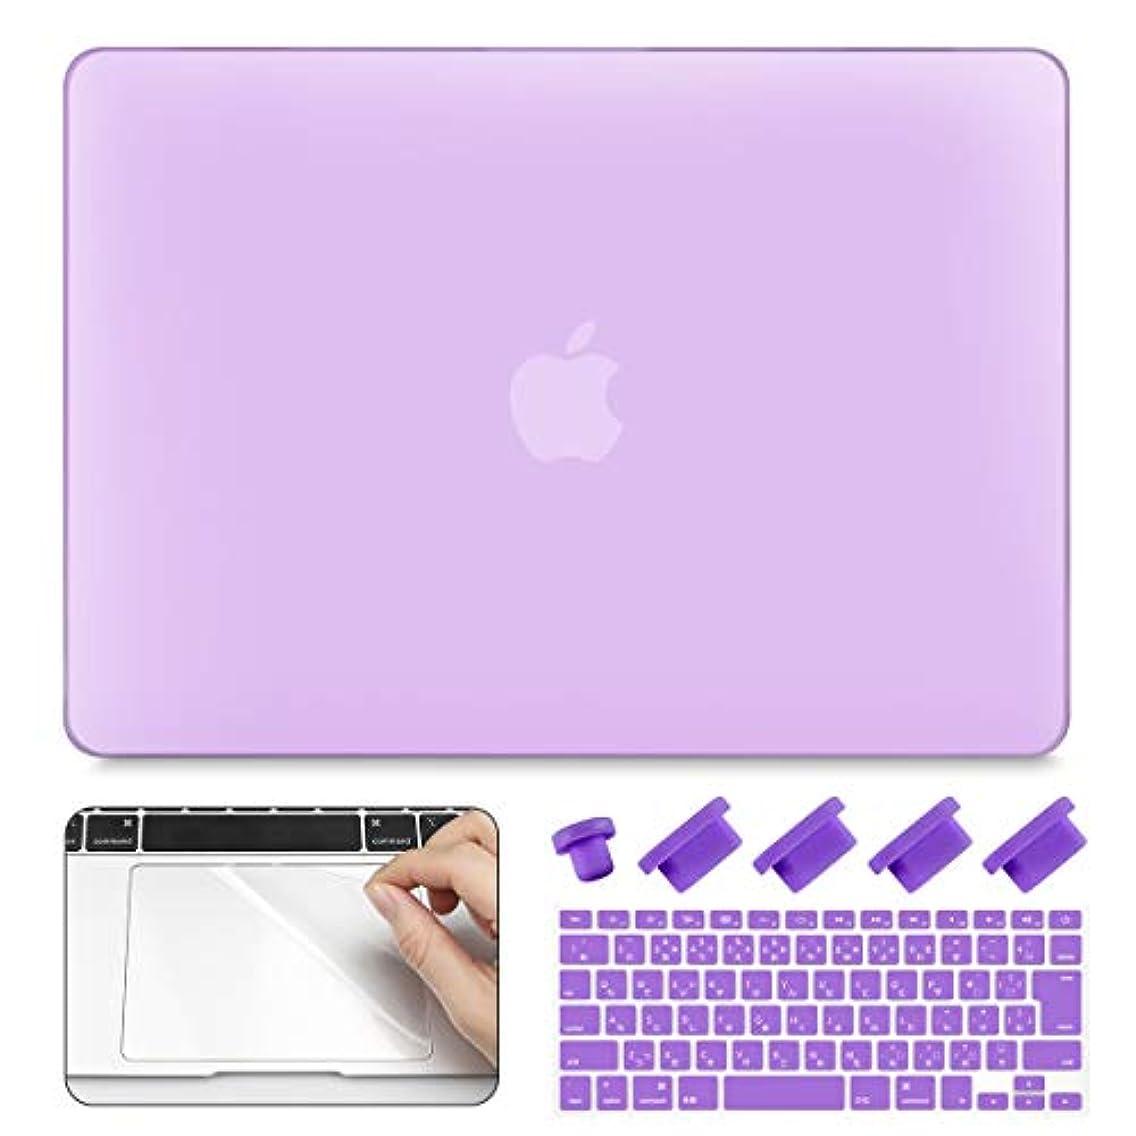 たくさんの辛いこどもセンターCISOO MacBook Pro Retina 15インチ ハードケース つや消し MacBookケース モデルA1398対応 薄型 超軽量 耐衝撃 日本語キーボードカバー JIS配列 トラックパッド フィルム プロテクター 防塵プラグ付き